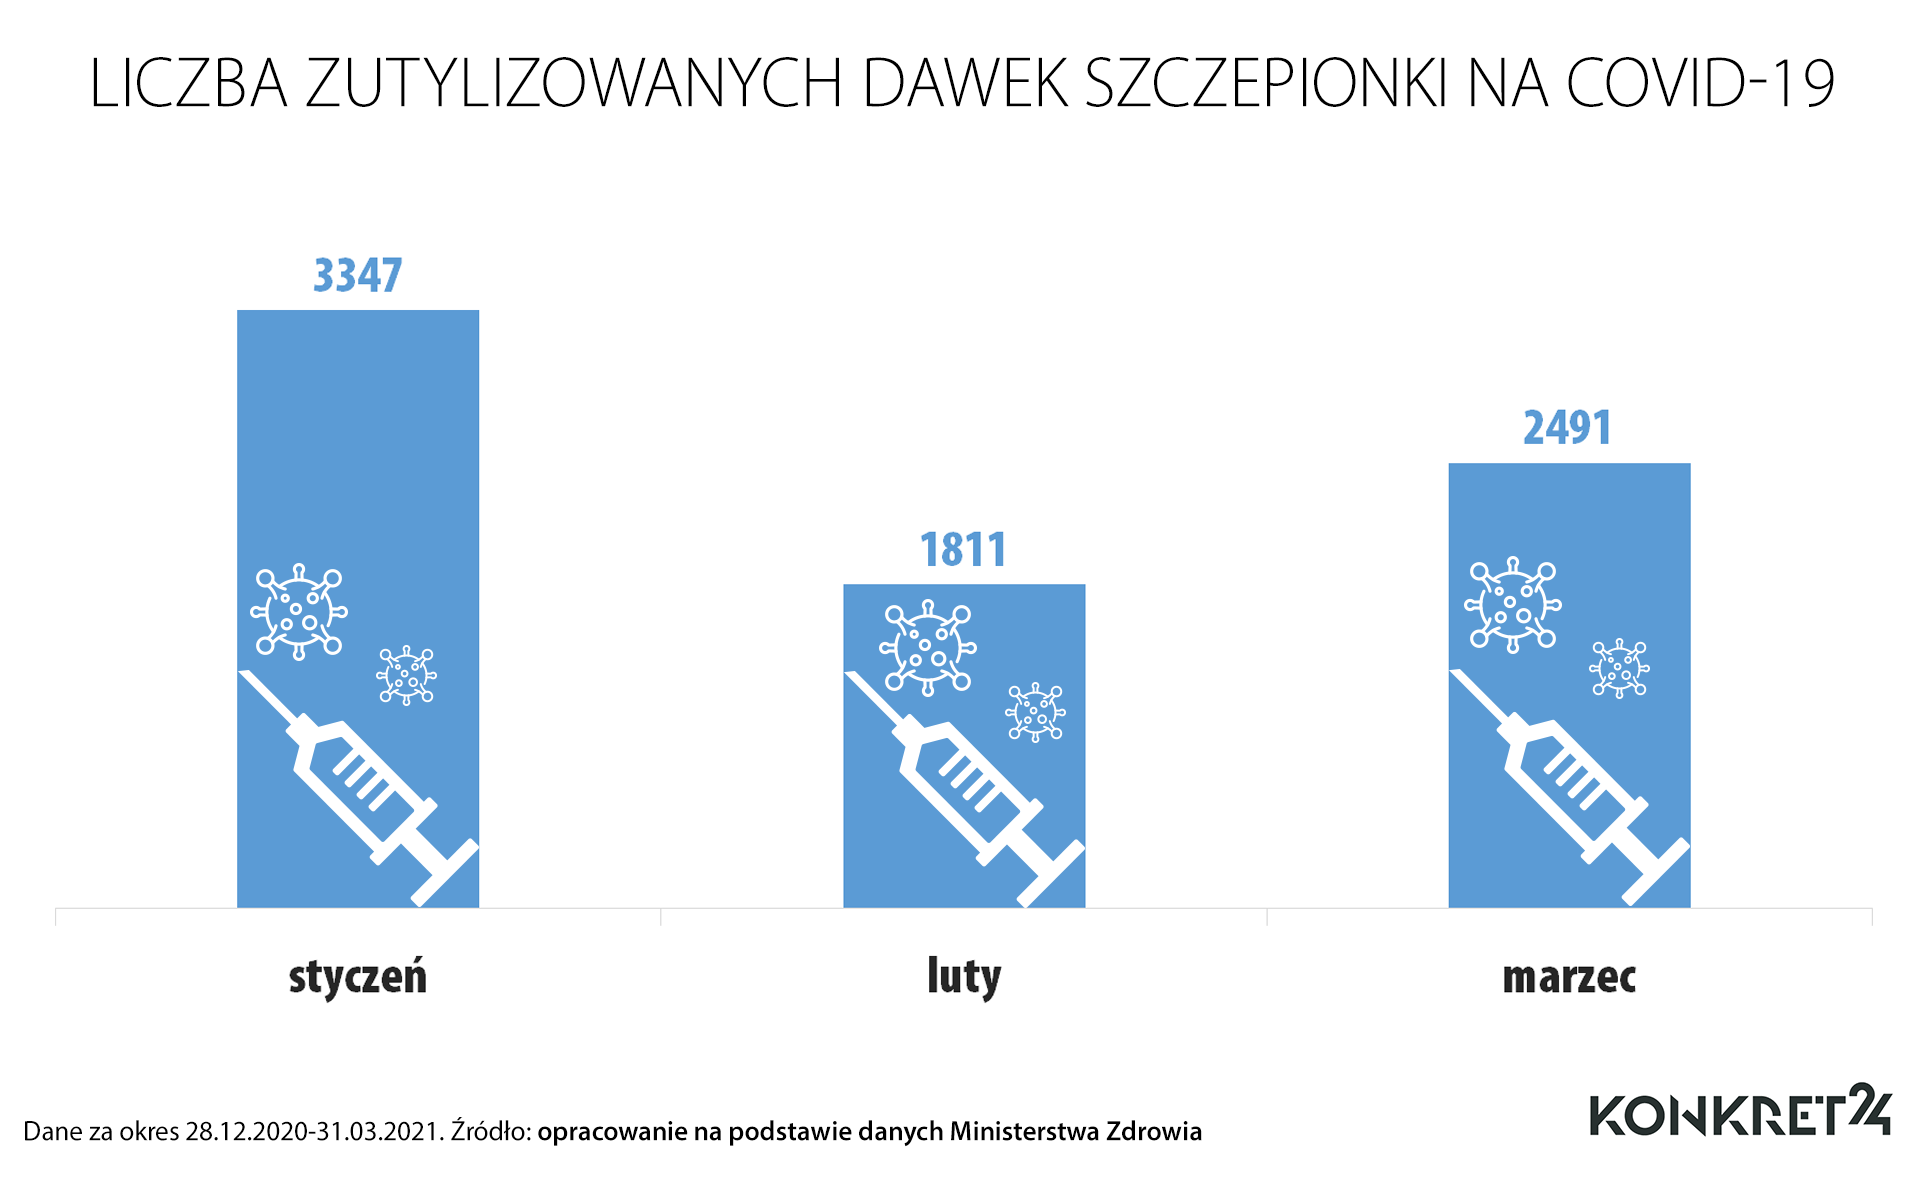 Liczba zutylizowanych dawek szczepionki od początku szczepień do 31 marca